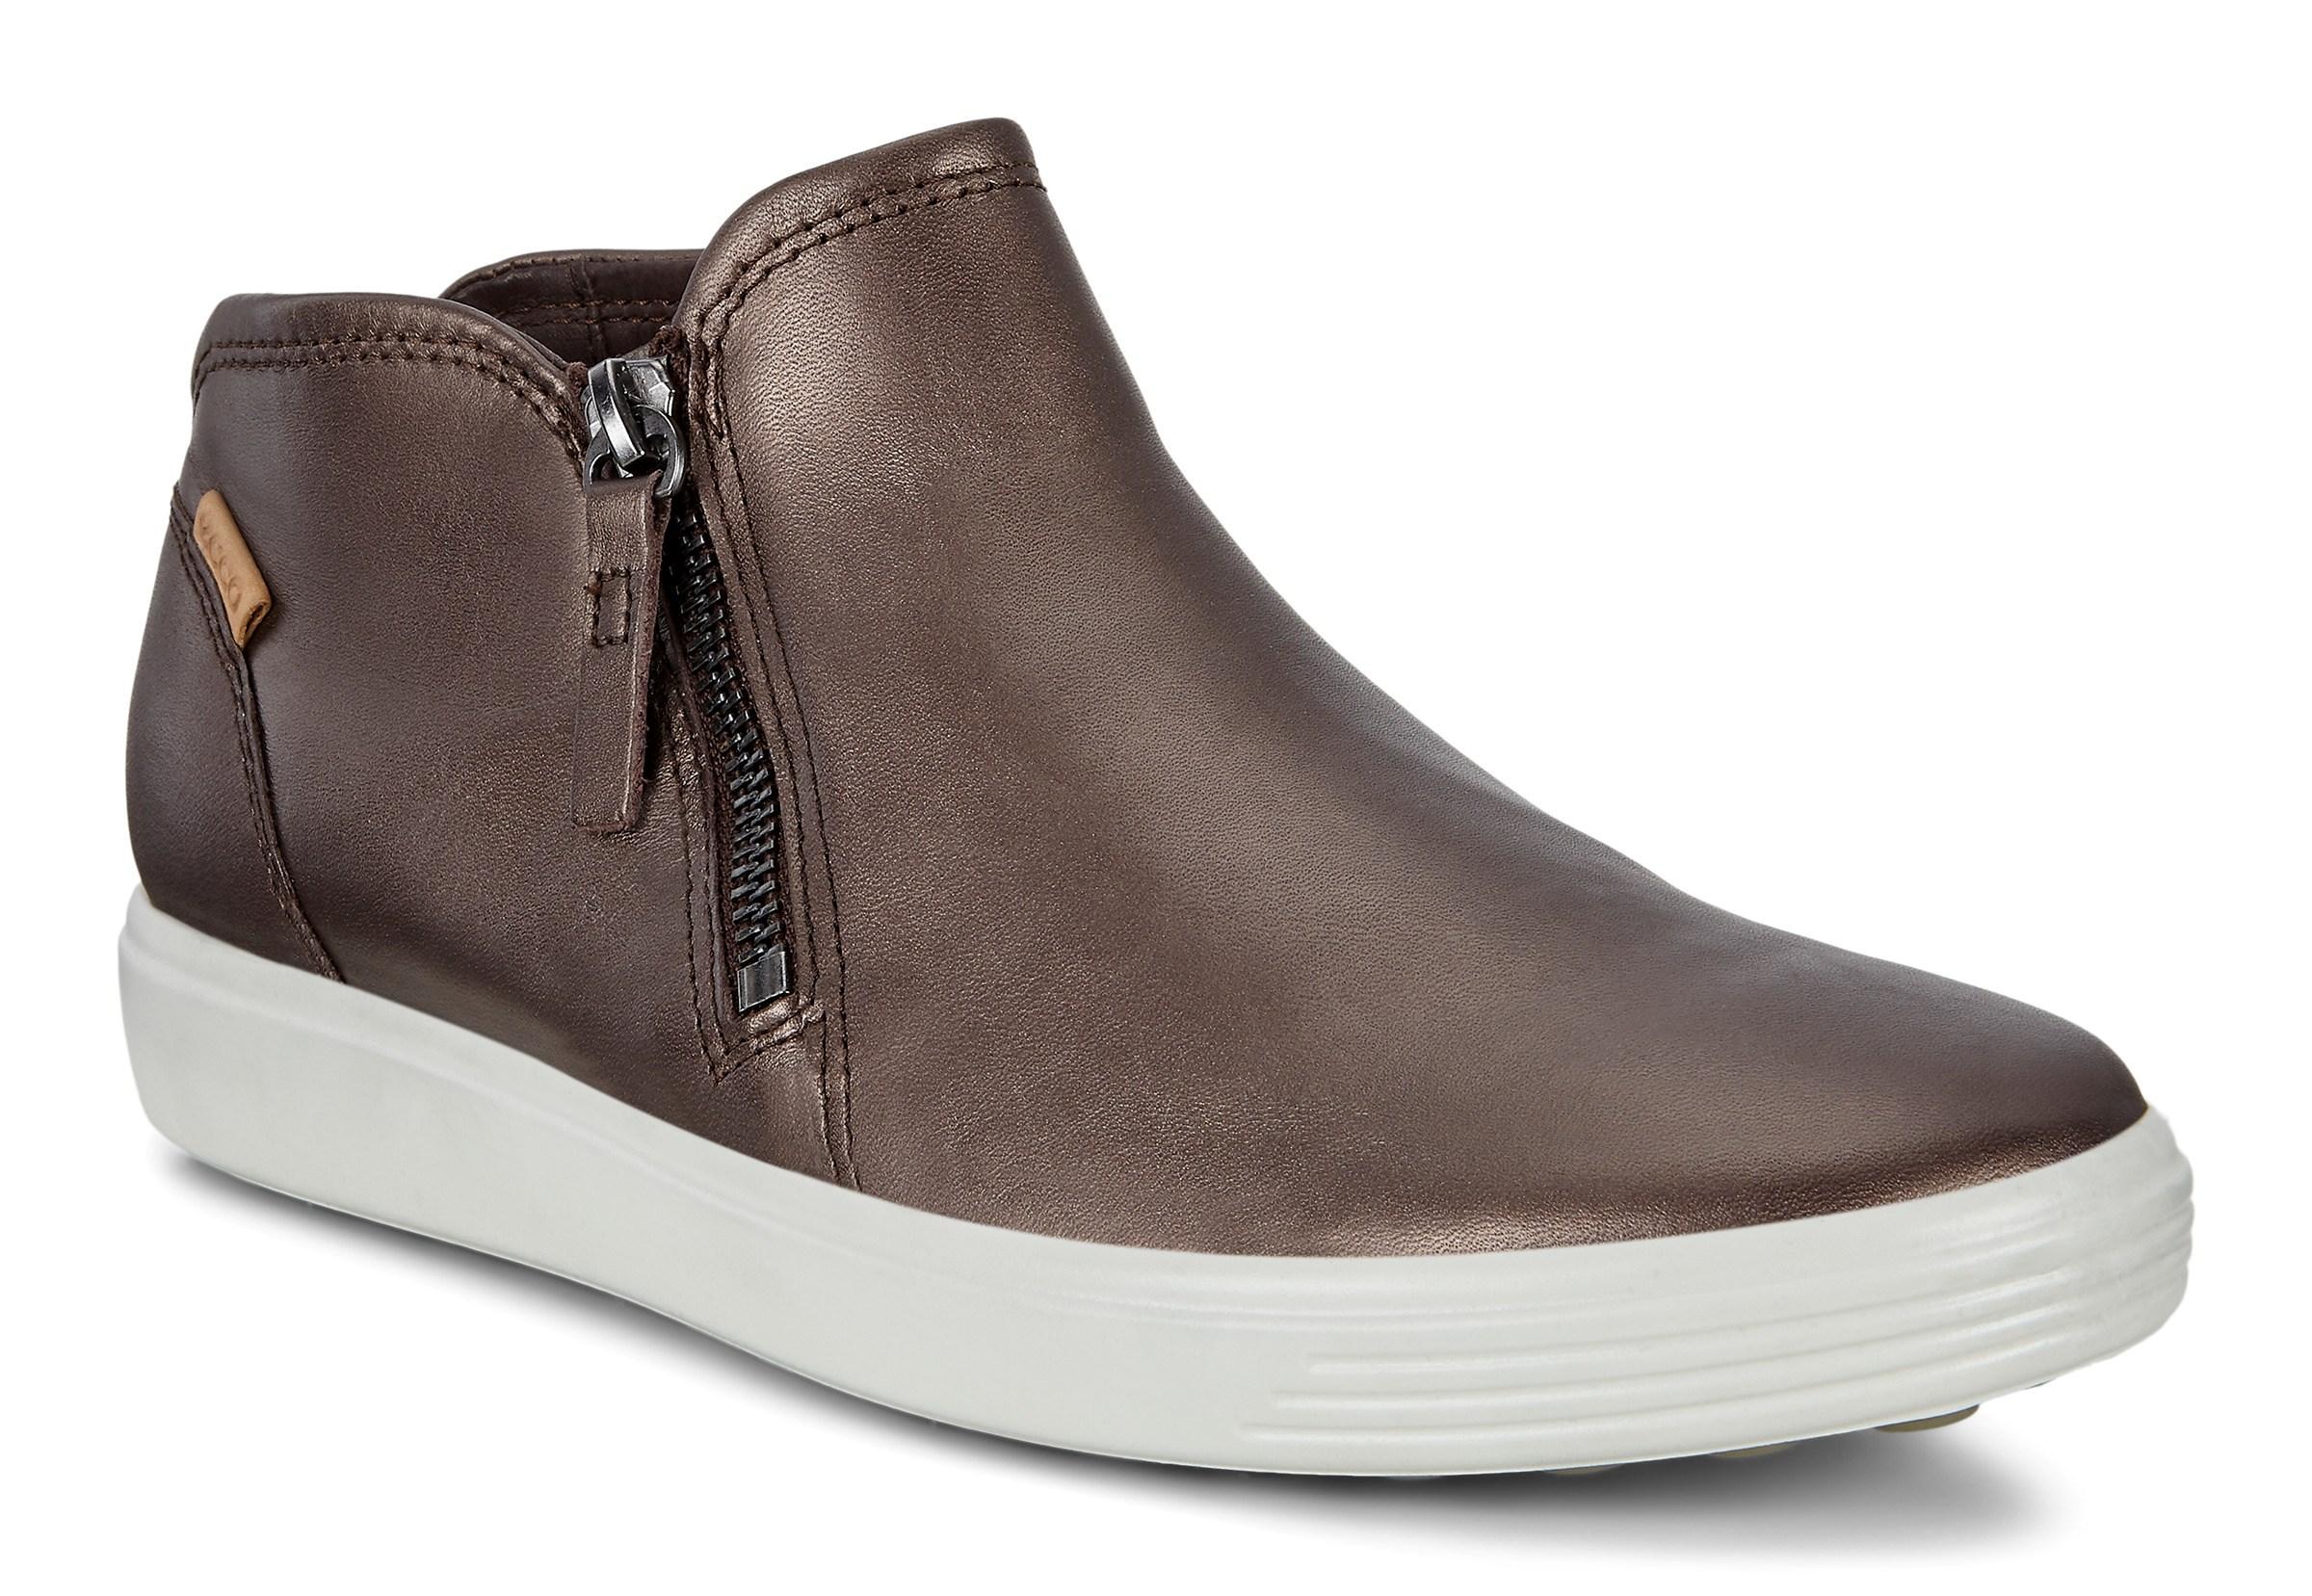 Stiefel für Damen | Im offiziellen ECCO® Shop einkaufen